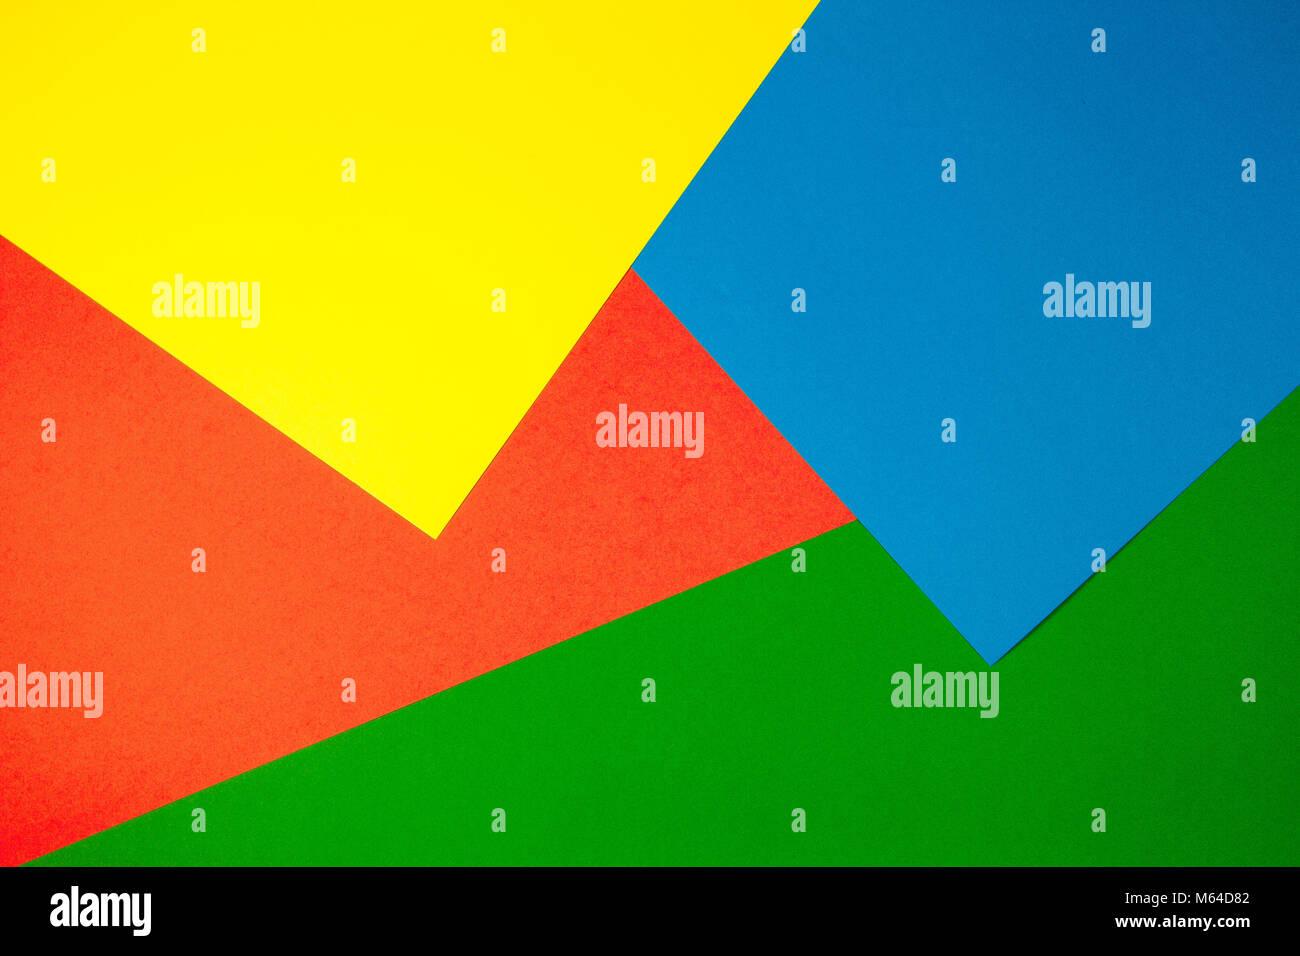 https www alamyimages fr photo image documents couleur avec fond plat geometrie composition jaune vert rouge et bleu 175889842 html